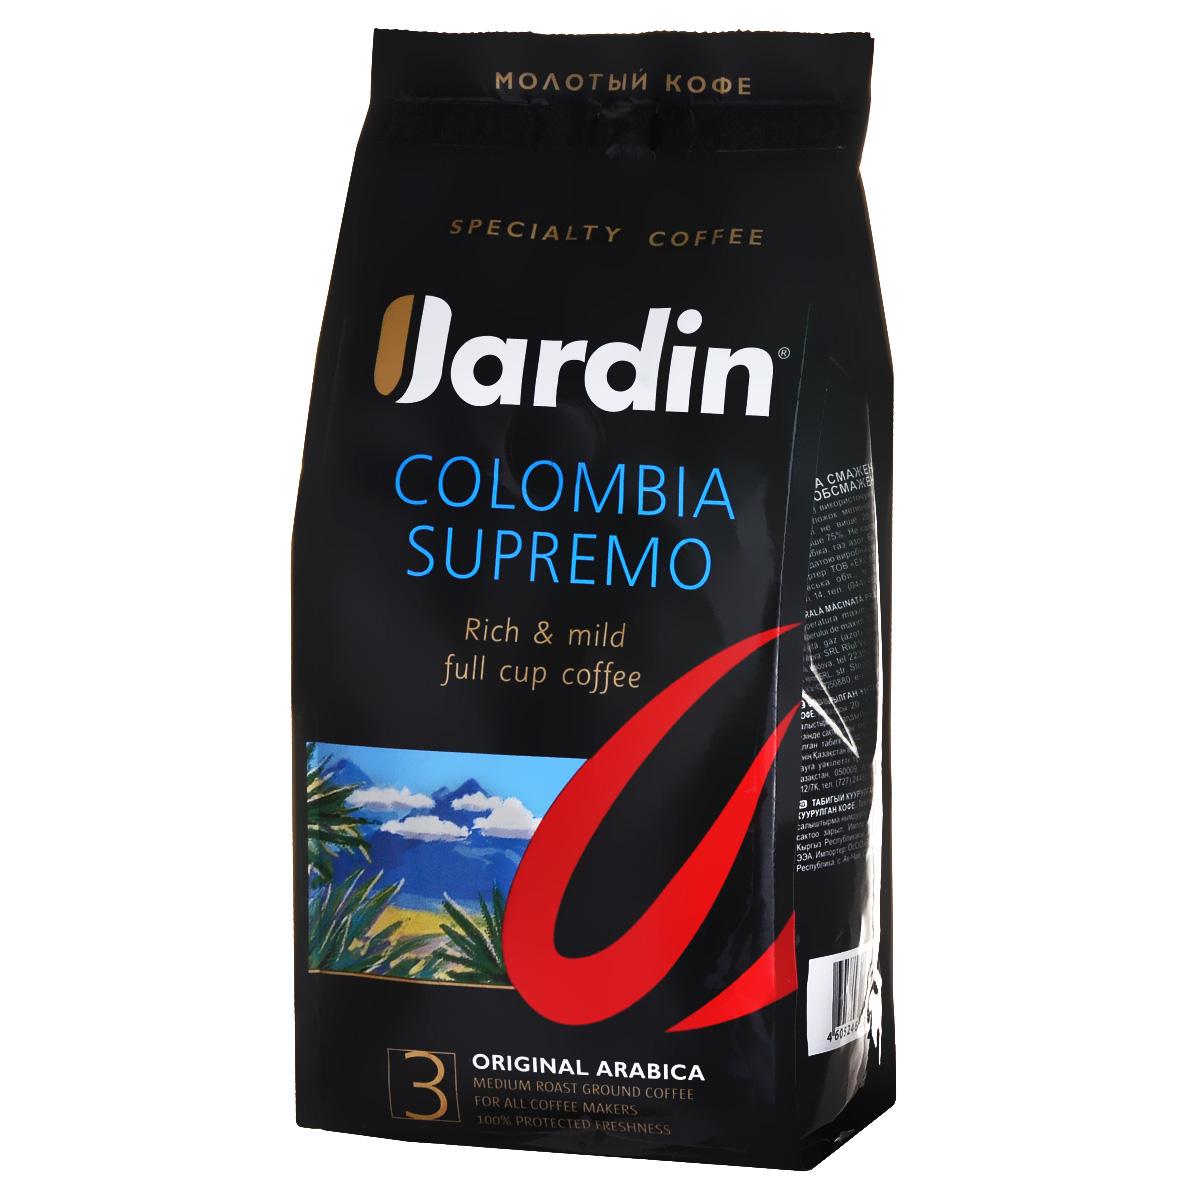 Jardin Colombia Supremo кофе молотый, 250 г0580-15Молотый кофе Jardin Colombia Supremo отличается мягким шелковистым вкусом и послевкусием с нотами мускатного ореха.Кофе выращен на высокогорных плато Колумбии, открытых для солнца, но защищенных от сильных ветров.Кофе: мифы и факты. Статья OZON Гид